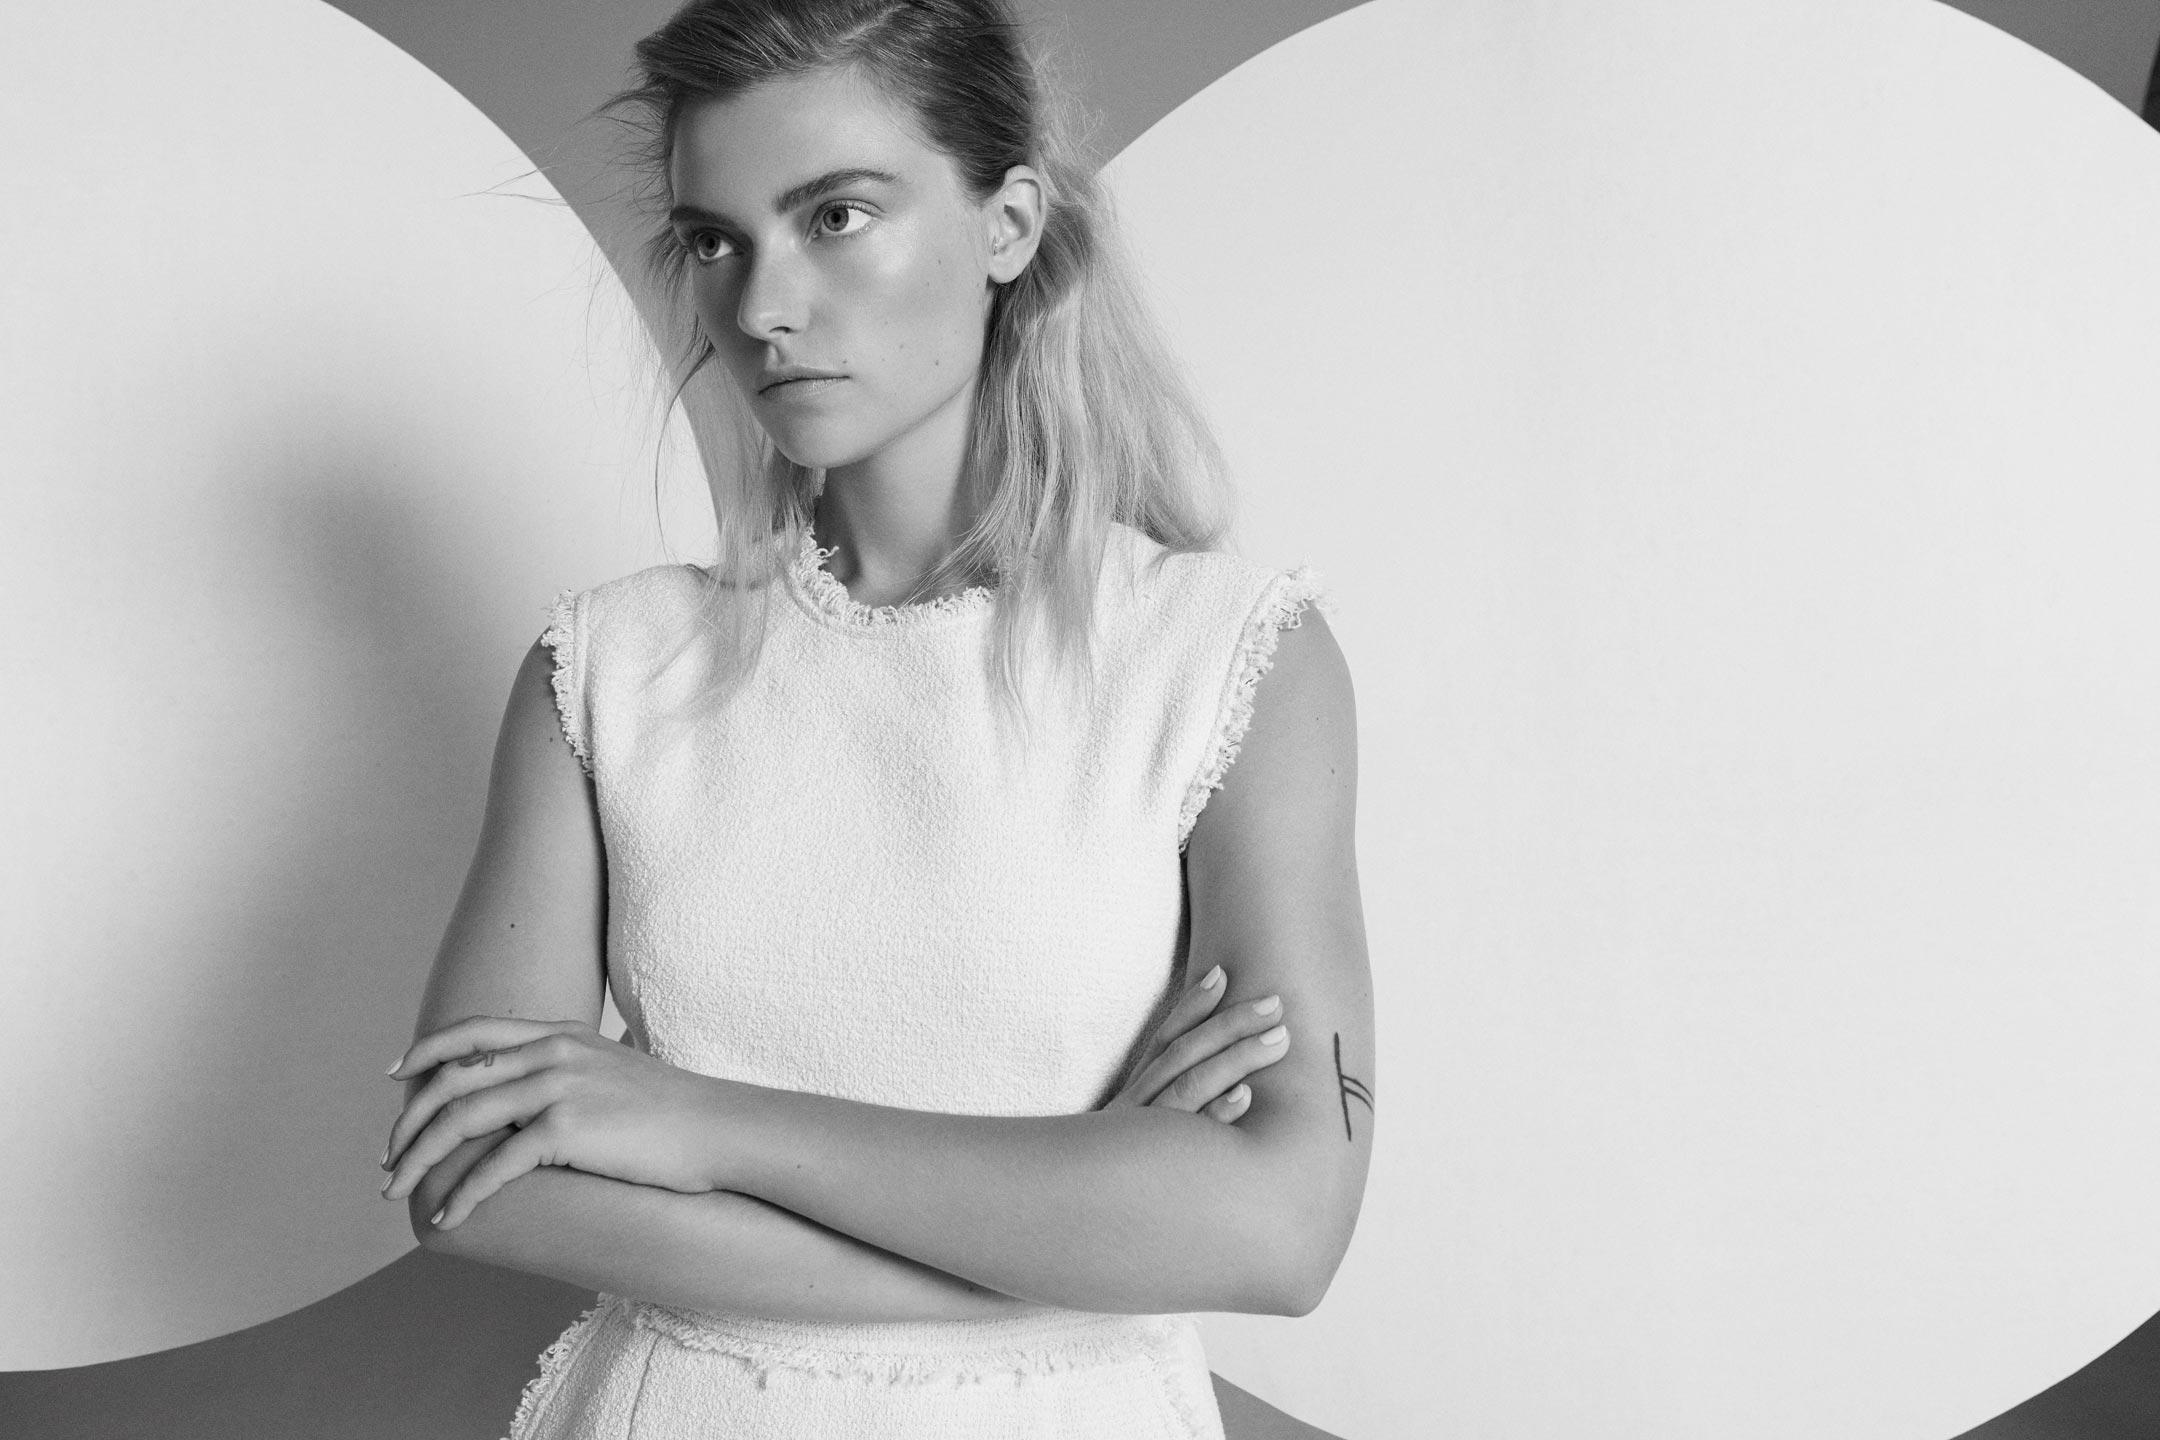 Fashion Story - Amazing Magazine - Model Farah Holt I Greg Sorensen I Fashion & Beauty Photographer I NYC